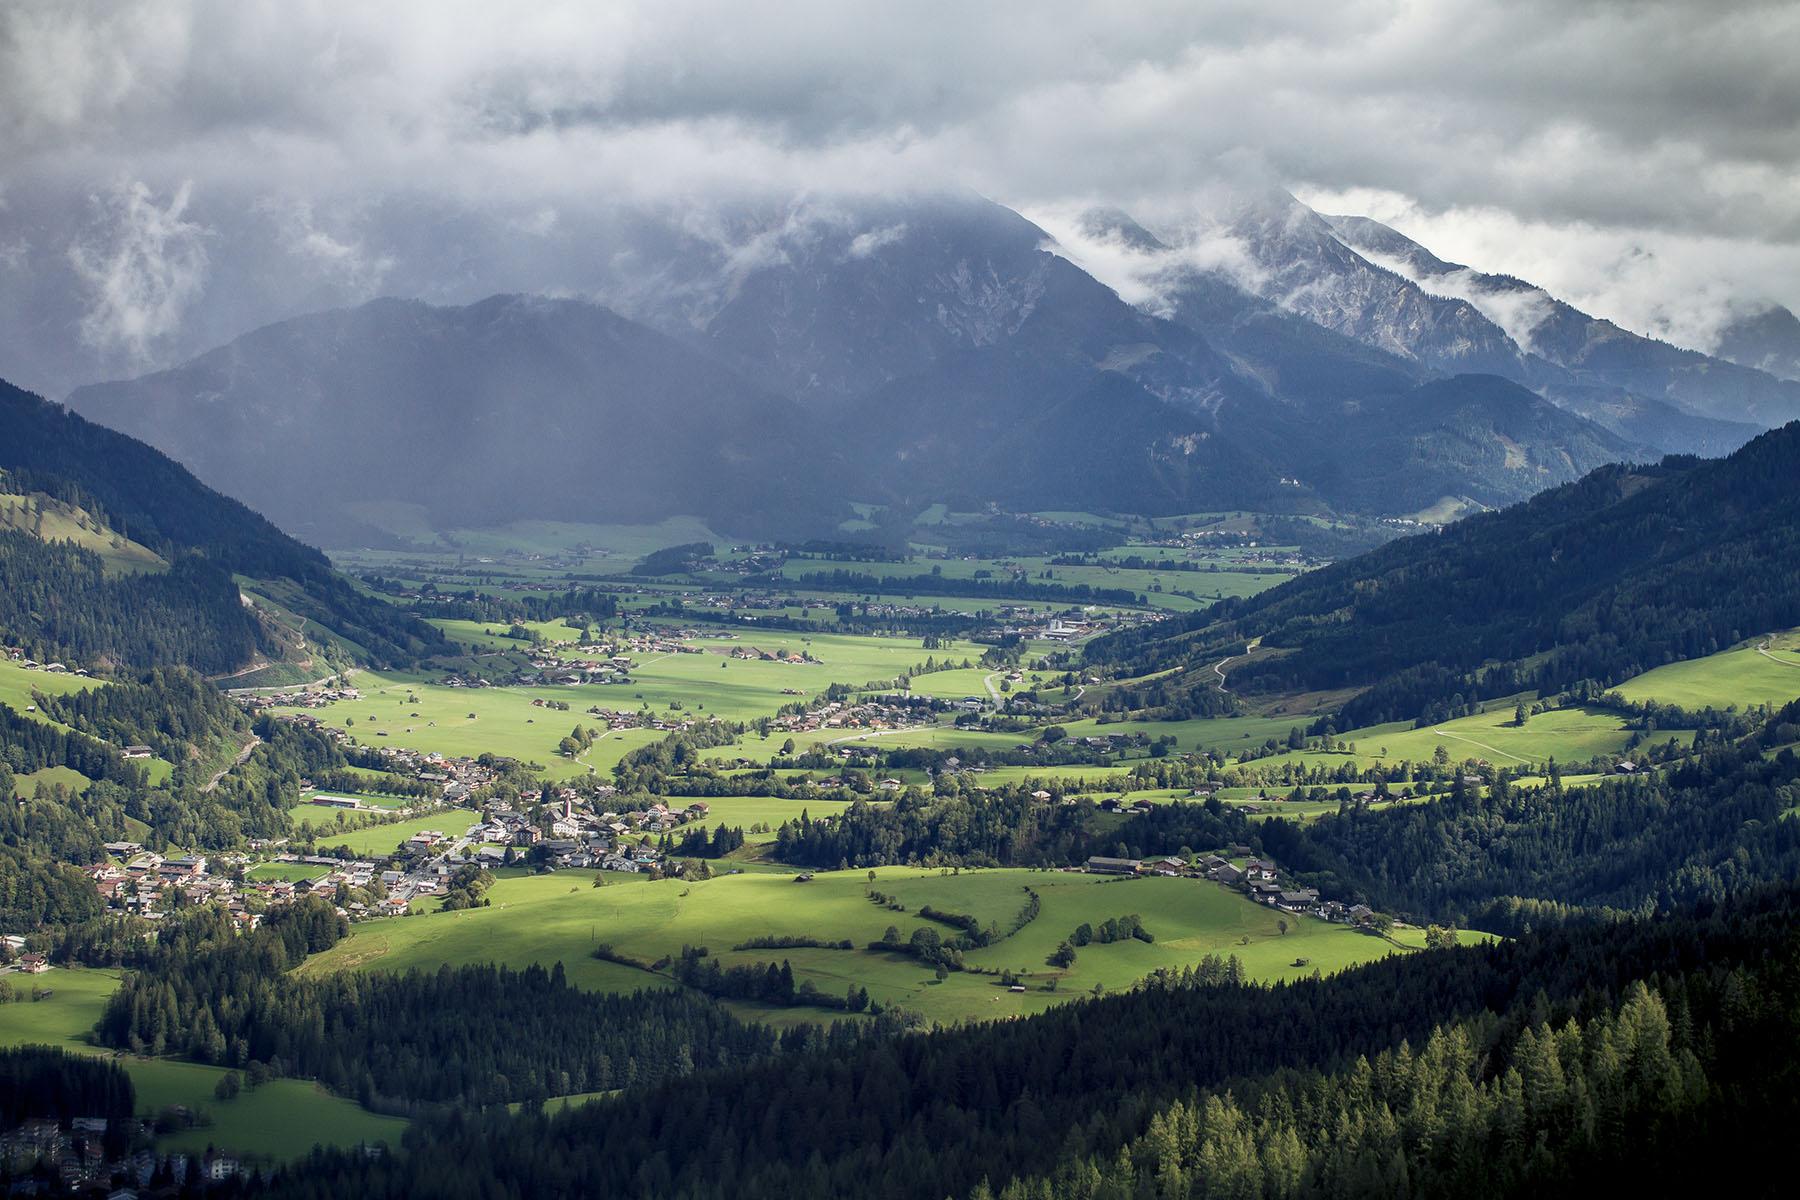 Willkommen in Österreich! Das wird eine spannende letzte Runde in Leogang! Gee Atherton und Steve Smith sind die Top-Anwärter auf den Gesamtsieg. Momentan trennen sie nur 17 Punkte.